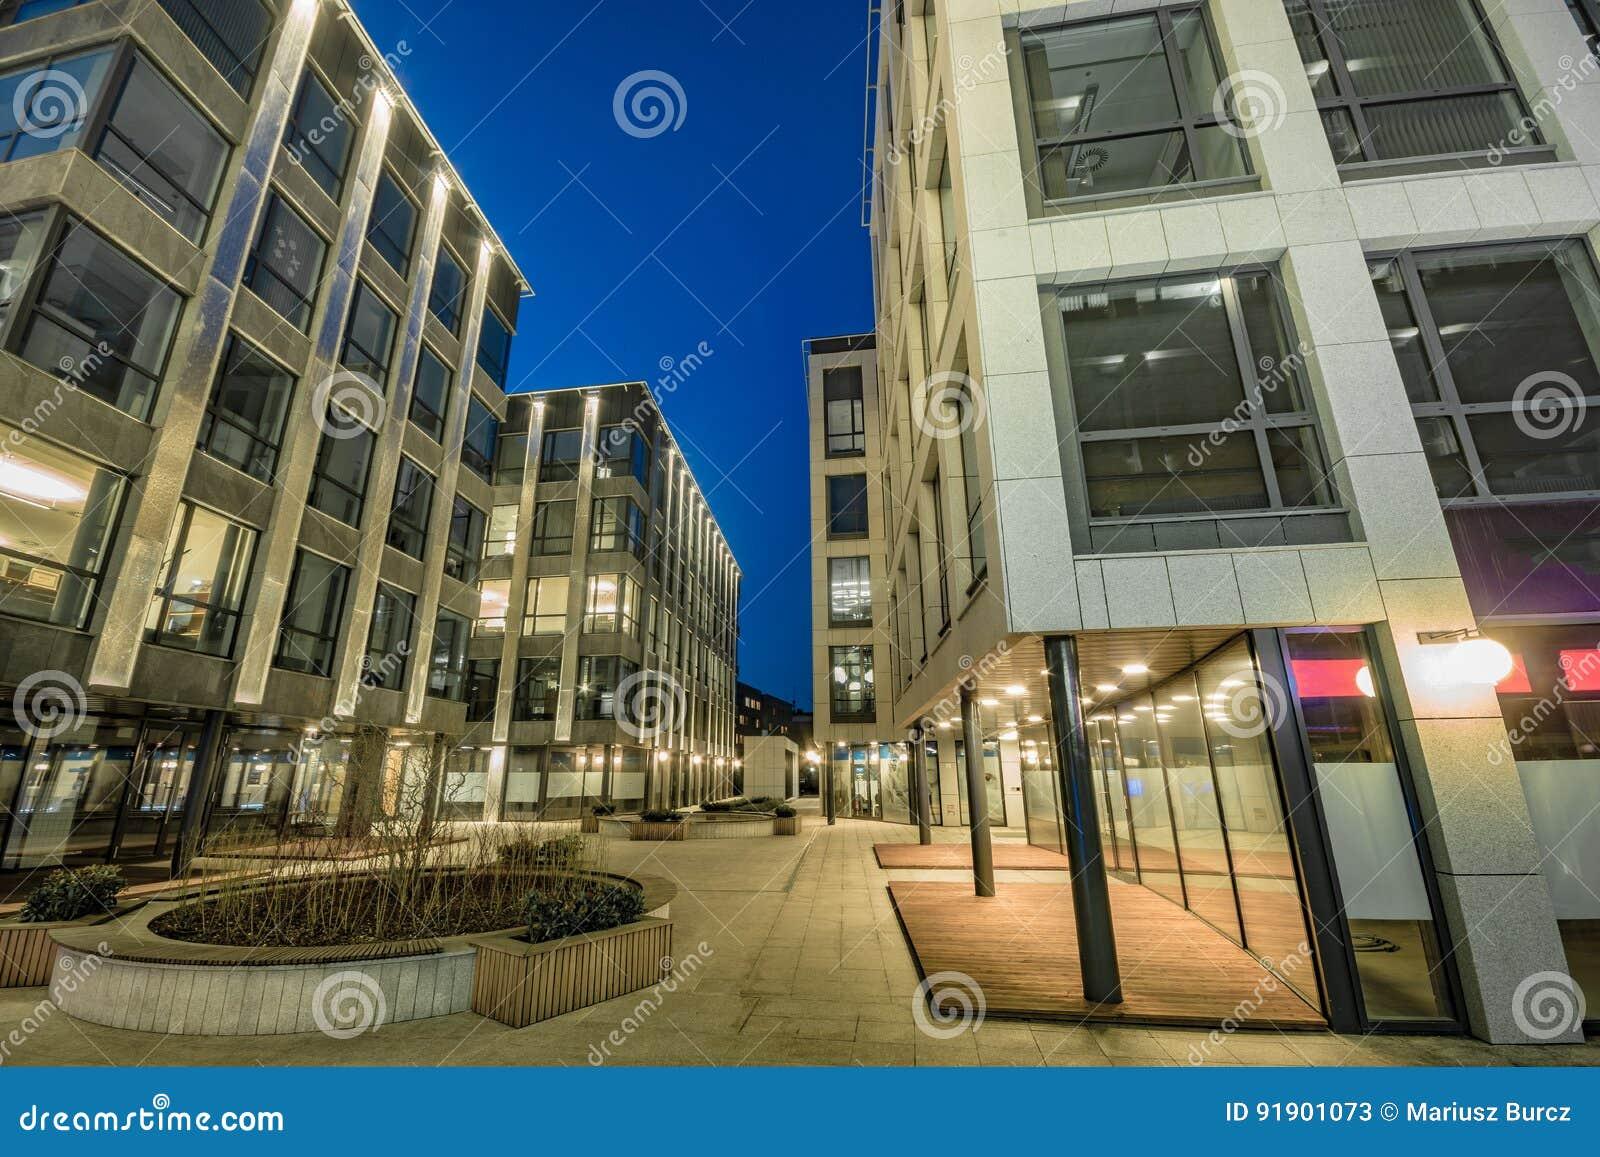 Immeuble de bureaux moderne le soir le bâtiment en verre et en